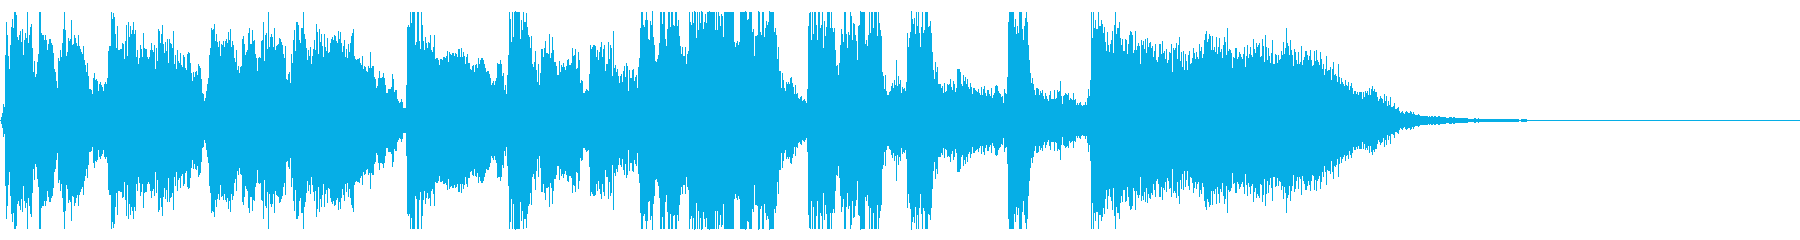 ジングル15秒・生演奏ジャズビッグバンドの再生済みの波形